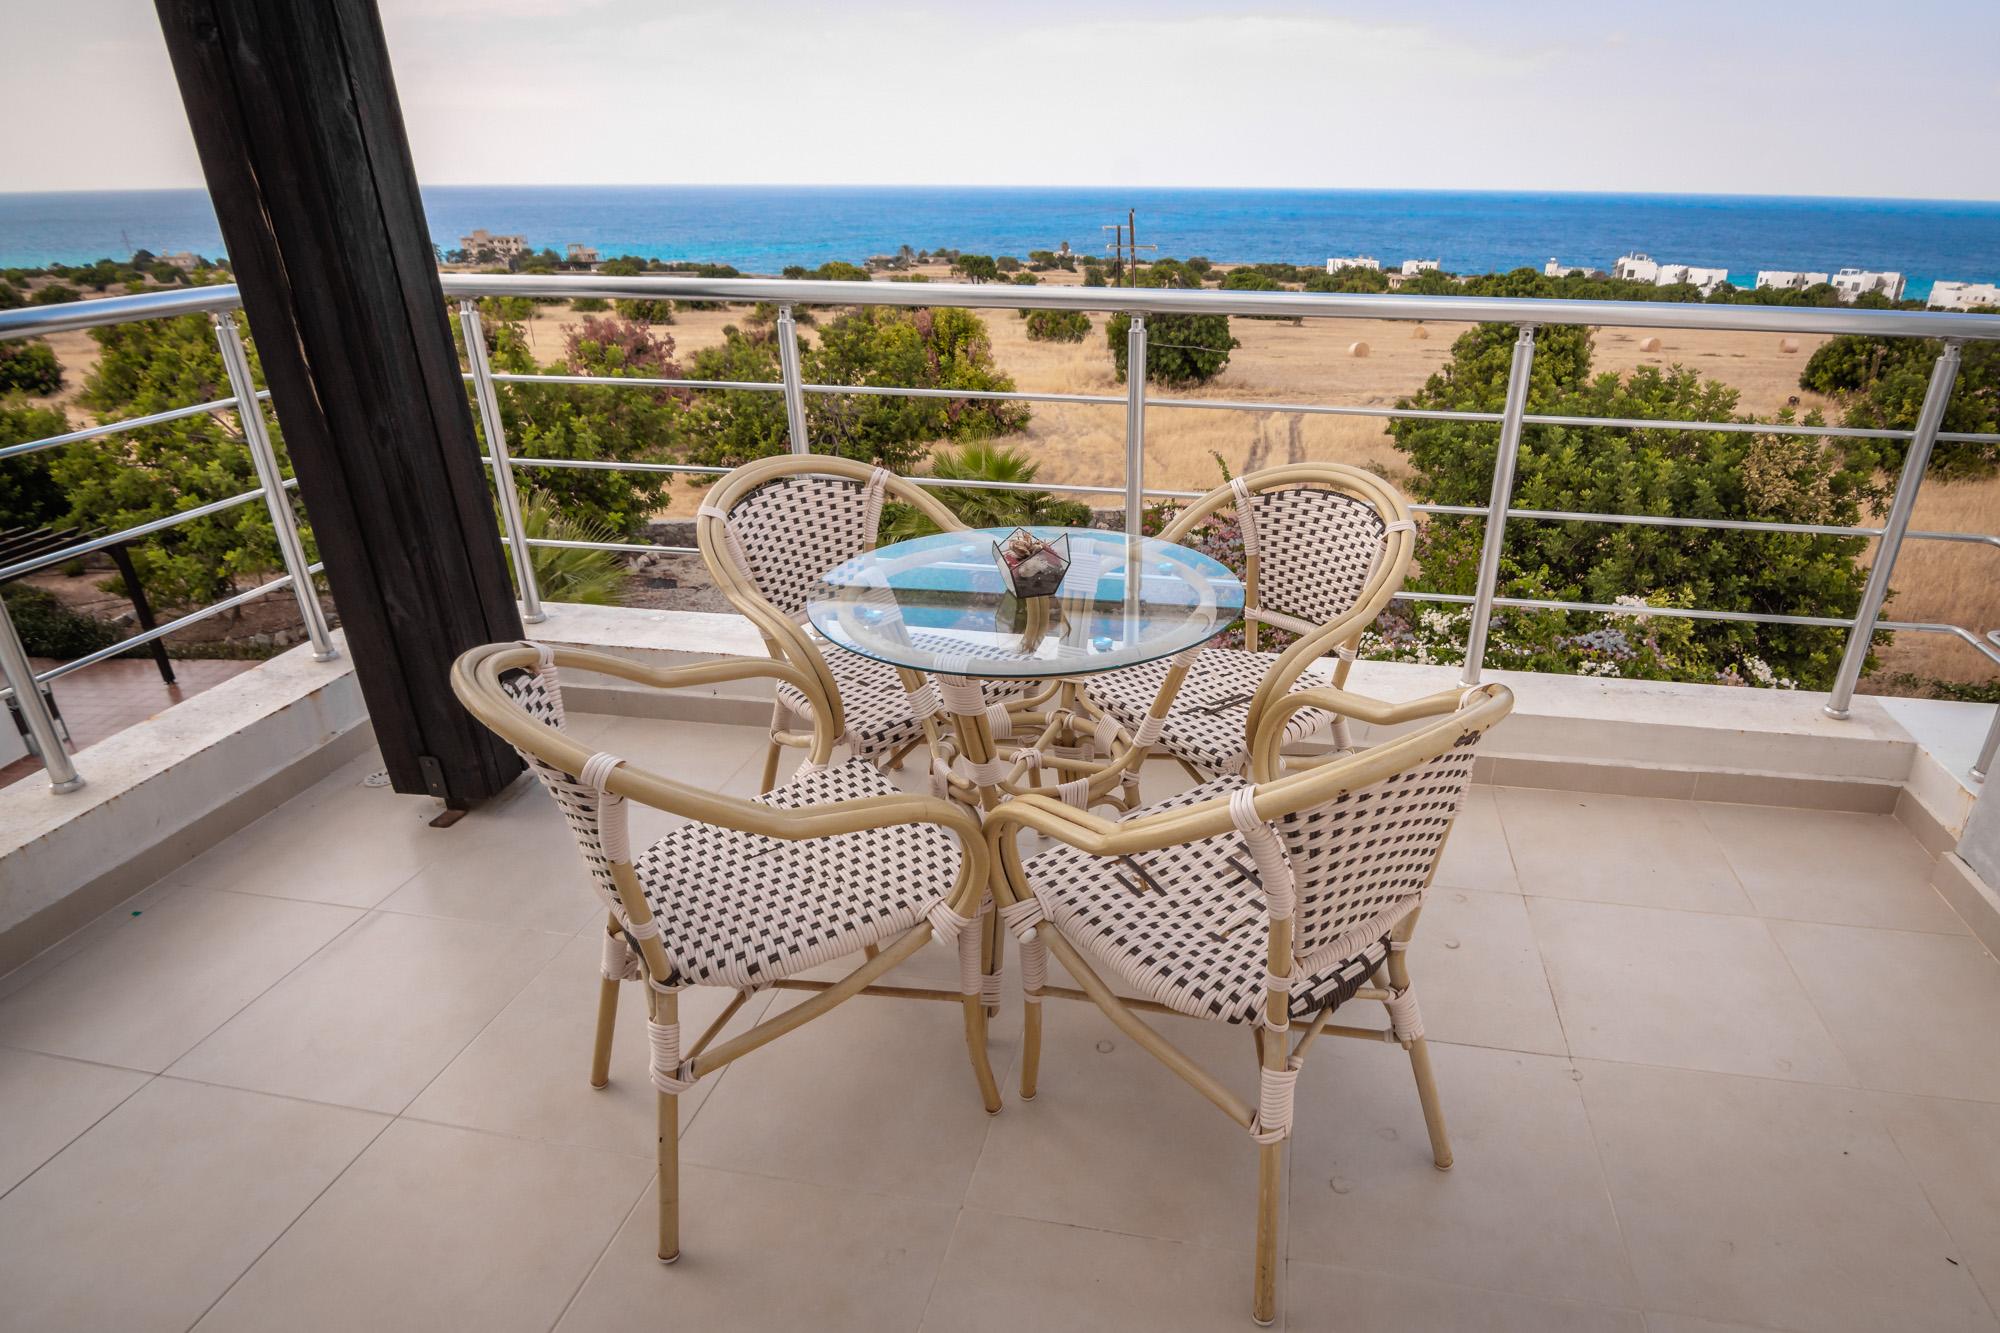 Apartment Joya Cyprus Moonlit Penthouse Apartment photo 20244027